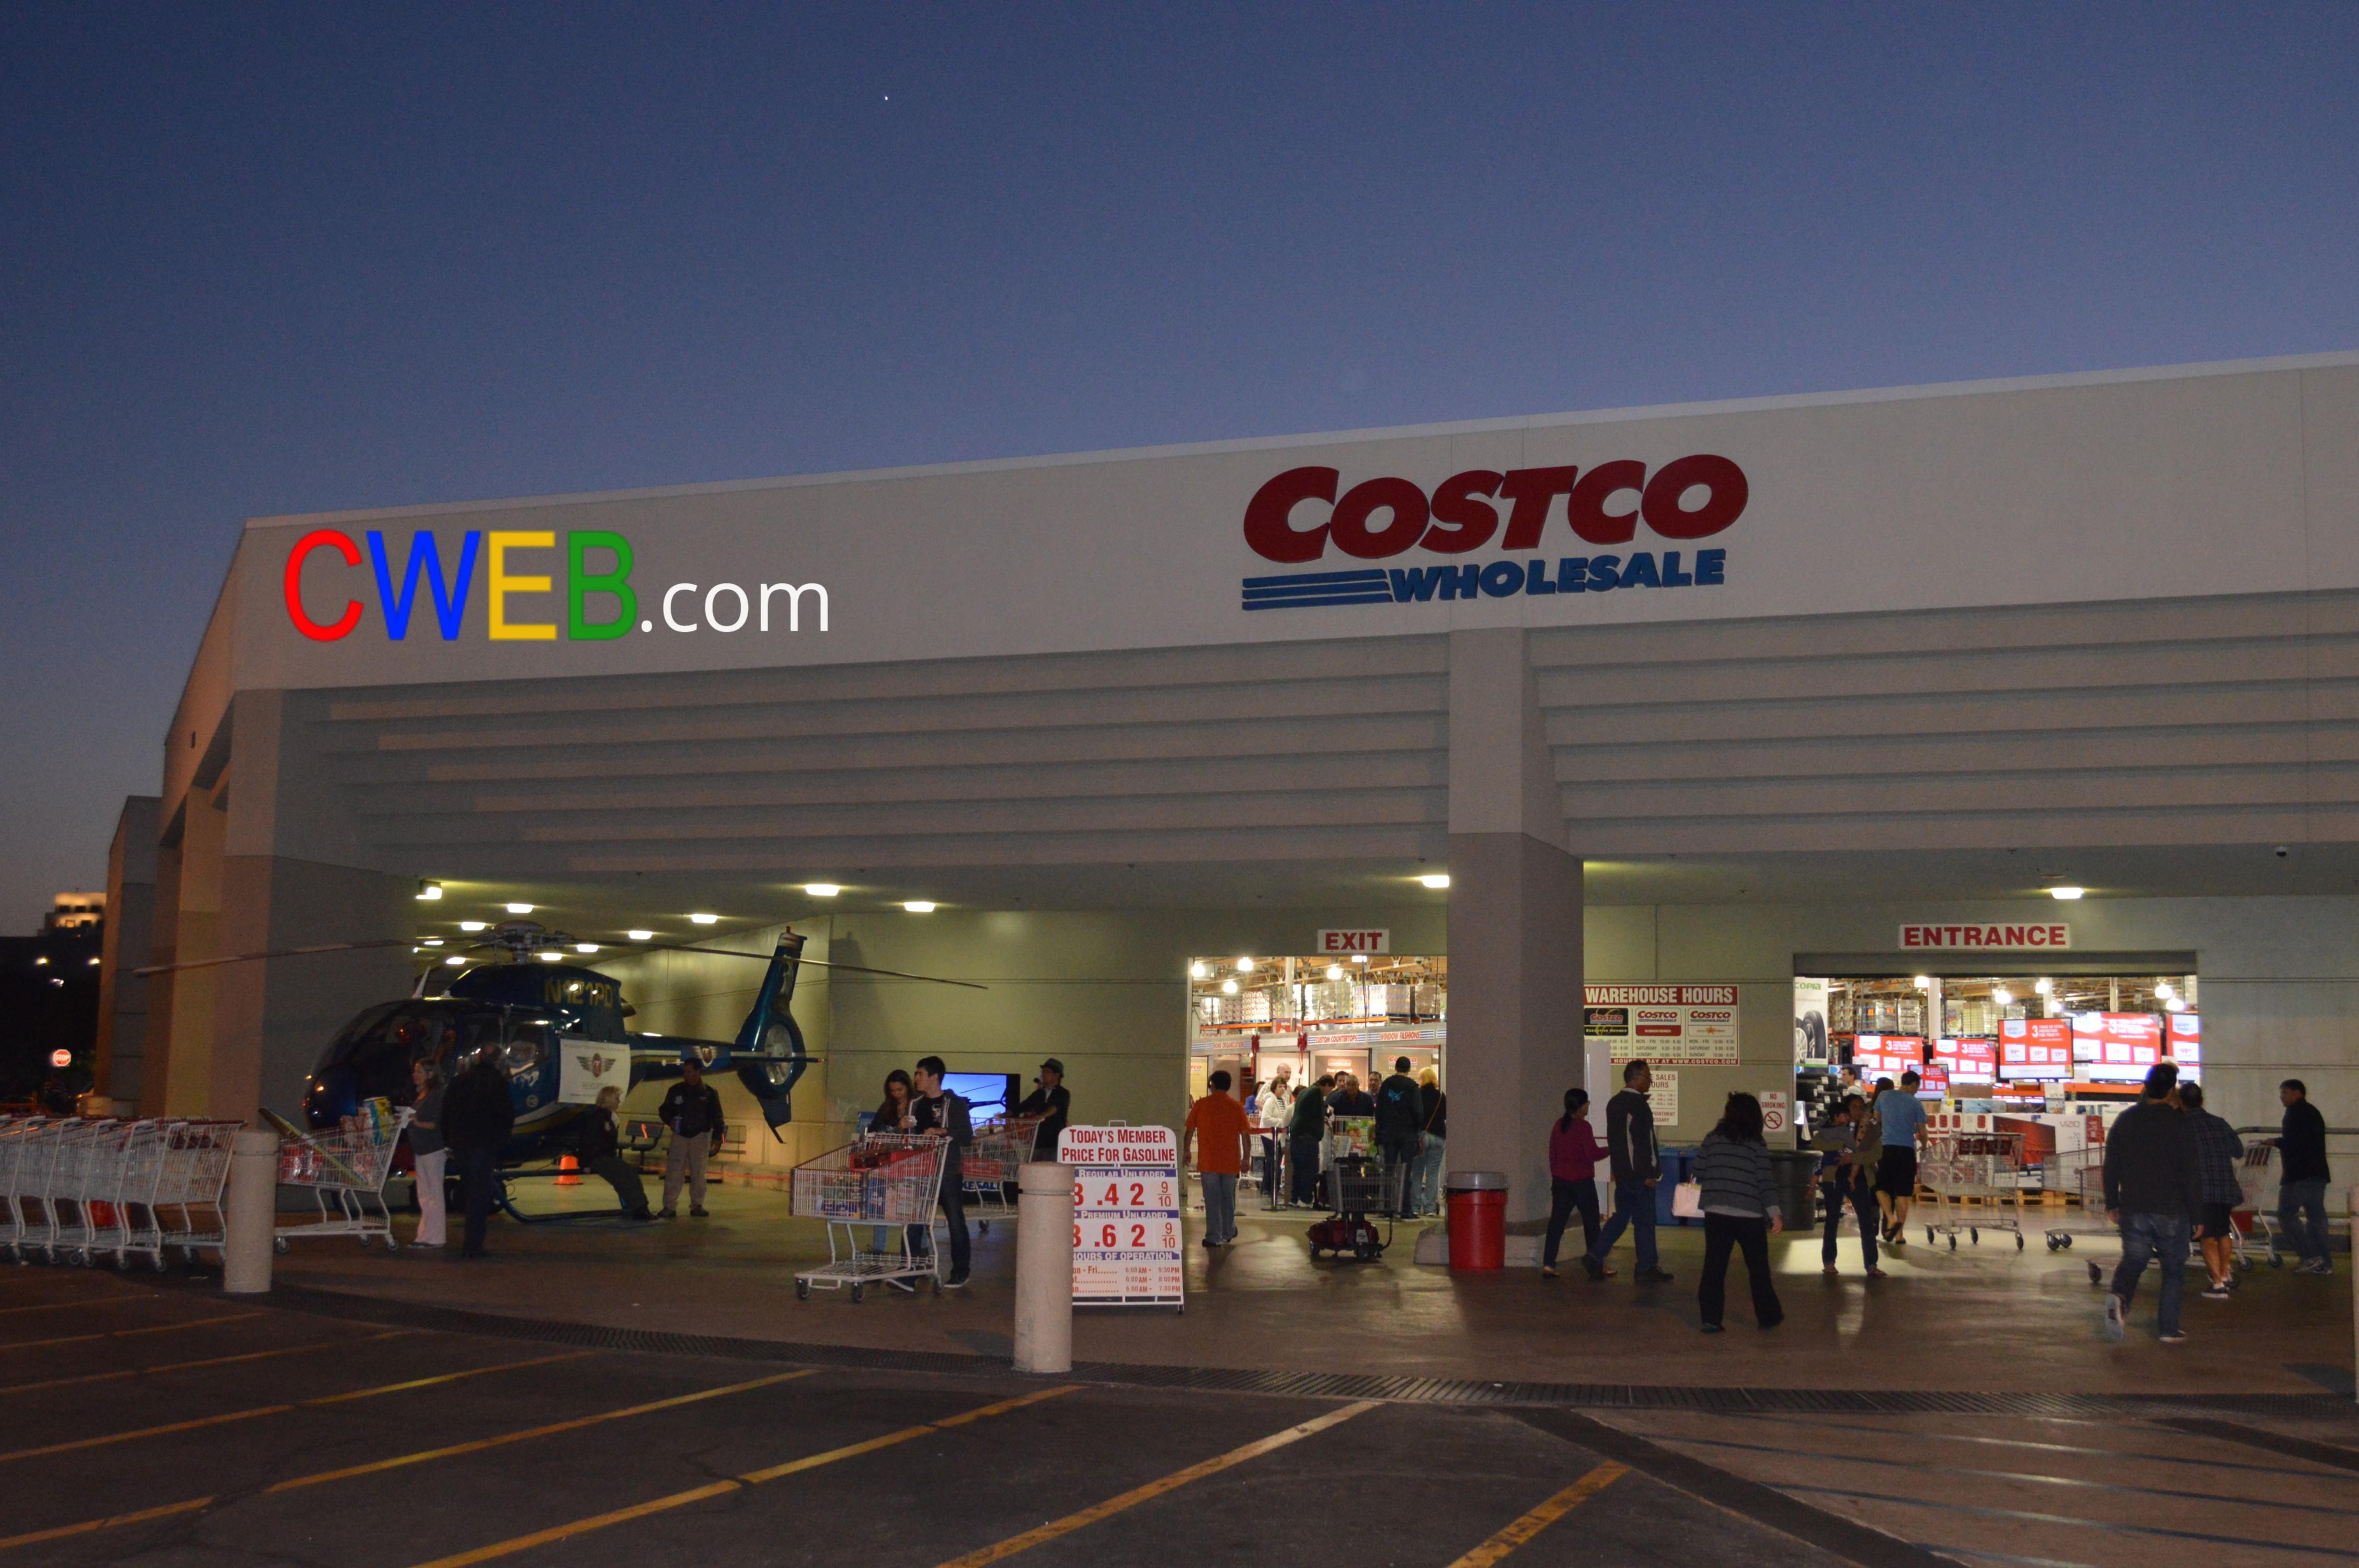 Costco_-_Irvine,_CA,_USA_(2013)_02